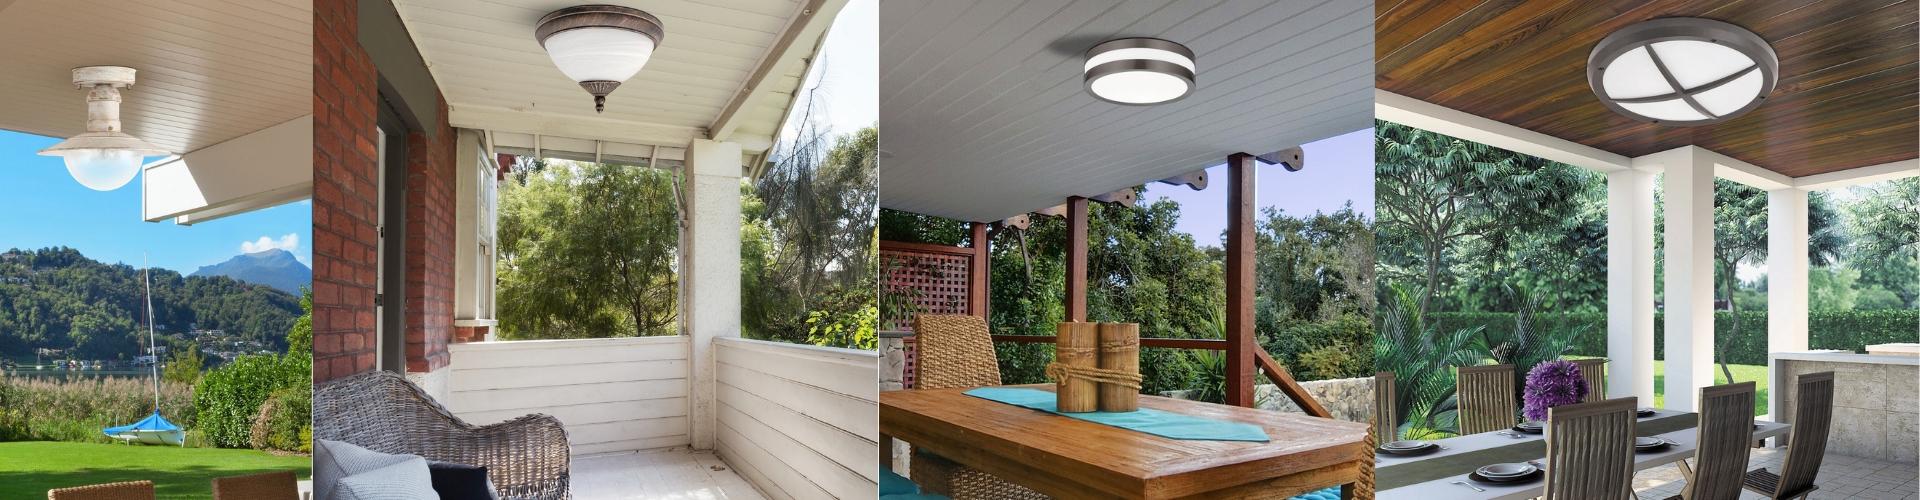 Vanjske stropne svjetiljke